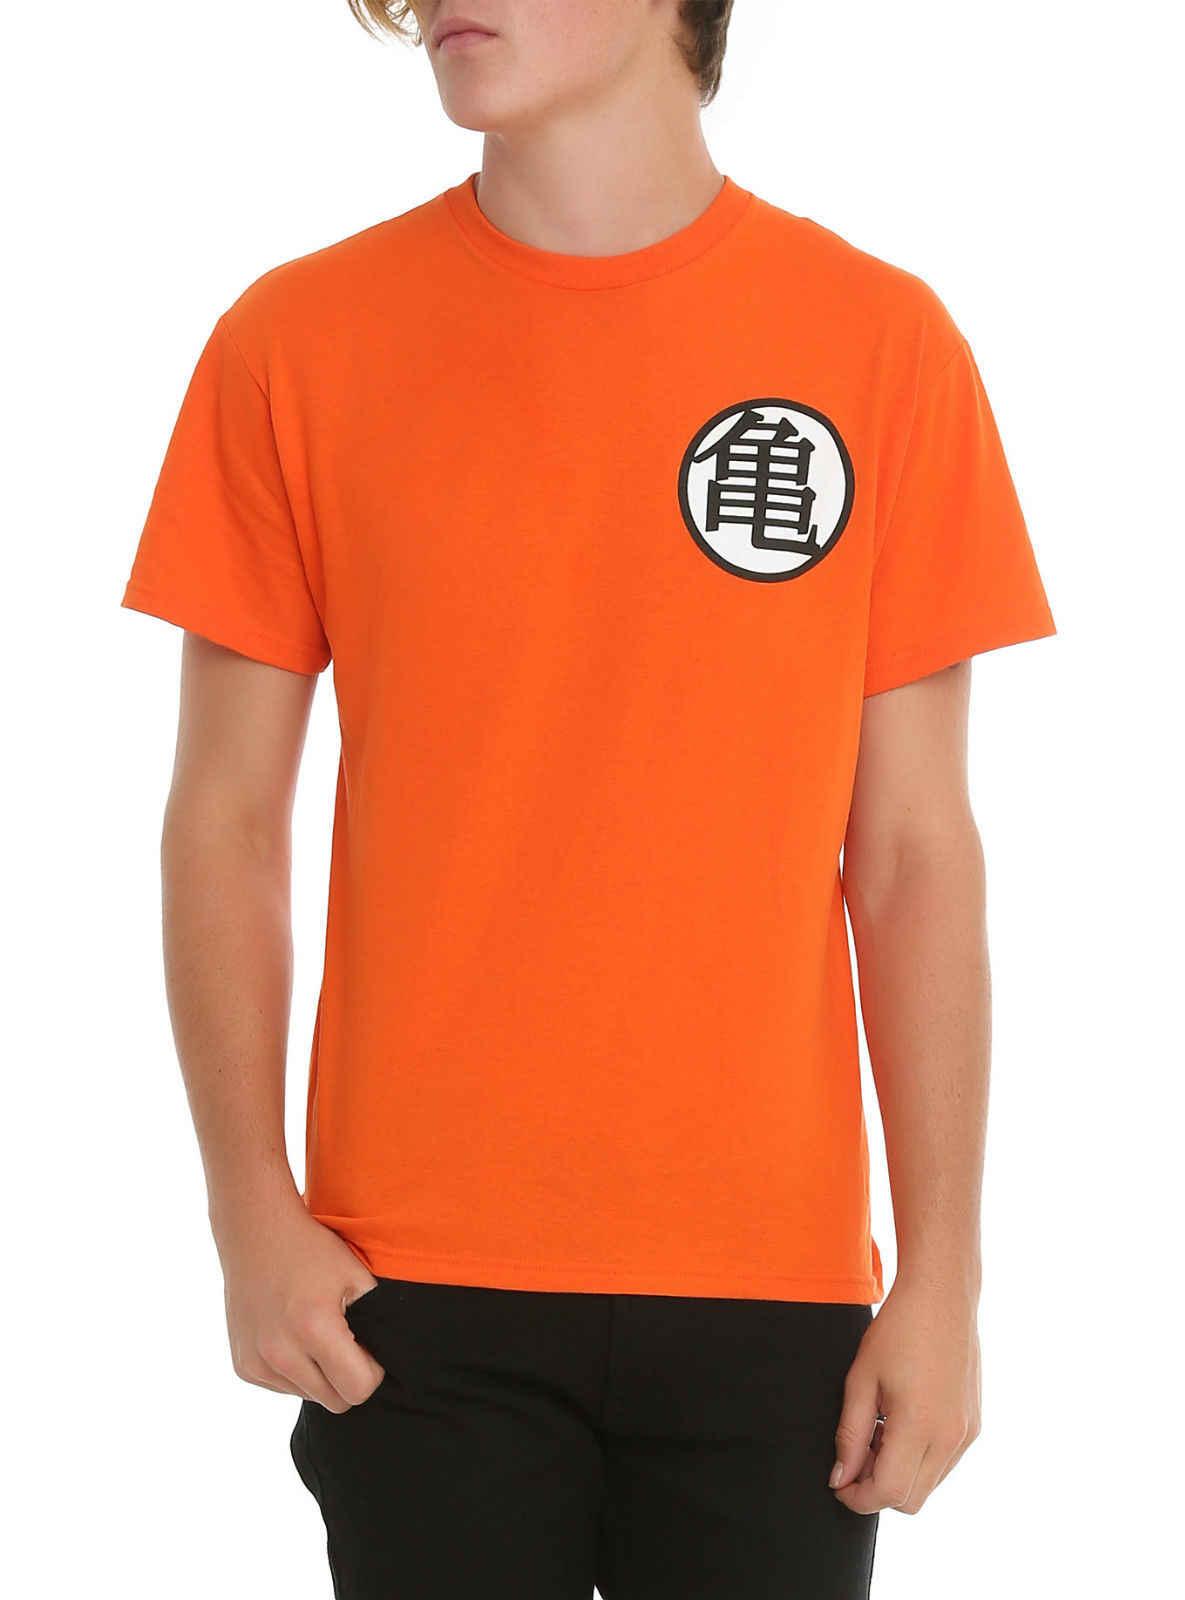 DRAGON BALL Z Мастер Роши Гоку Супер Саян сзади и спереди принт оранжевая футболка бесплатная доставка Harajuku топы Модные Классические